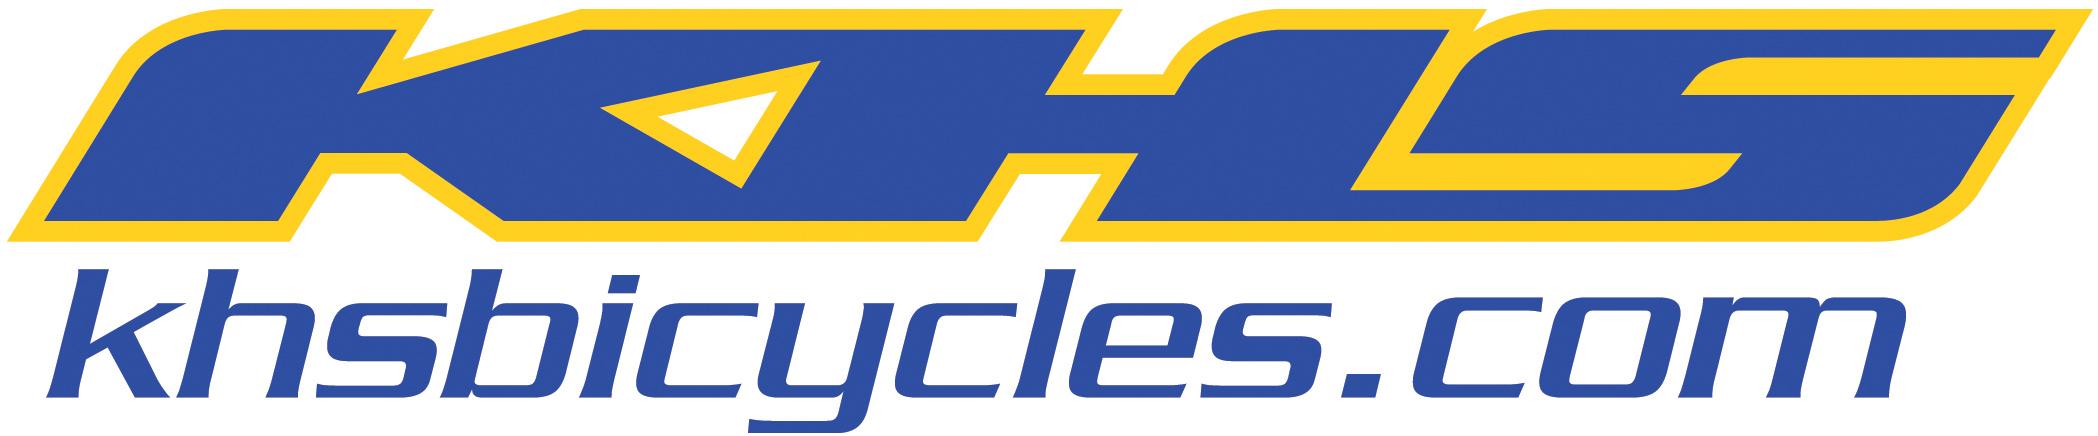 KHS-Bikes